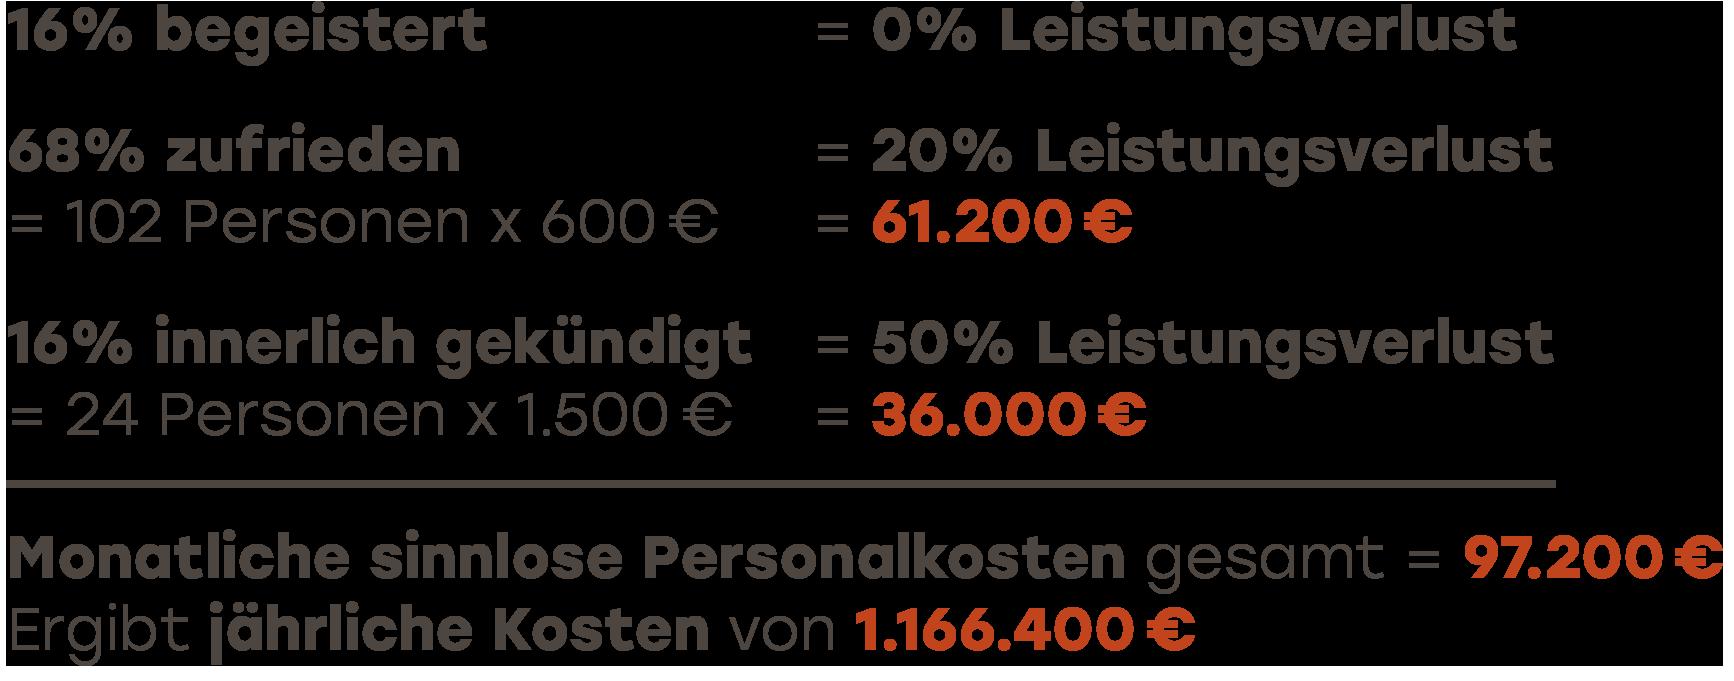 Beispielrechnung: Kosten durch Leistungsverlust in Unternehmen - Mitarbeitermotivation steigern mit utoplan